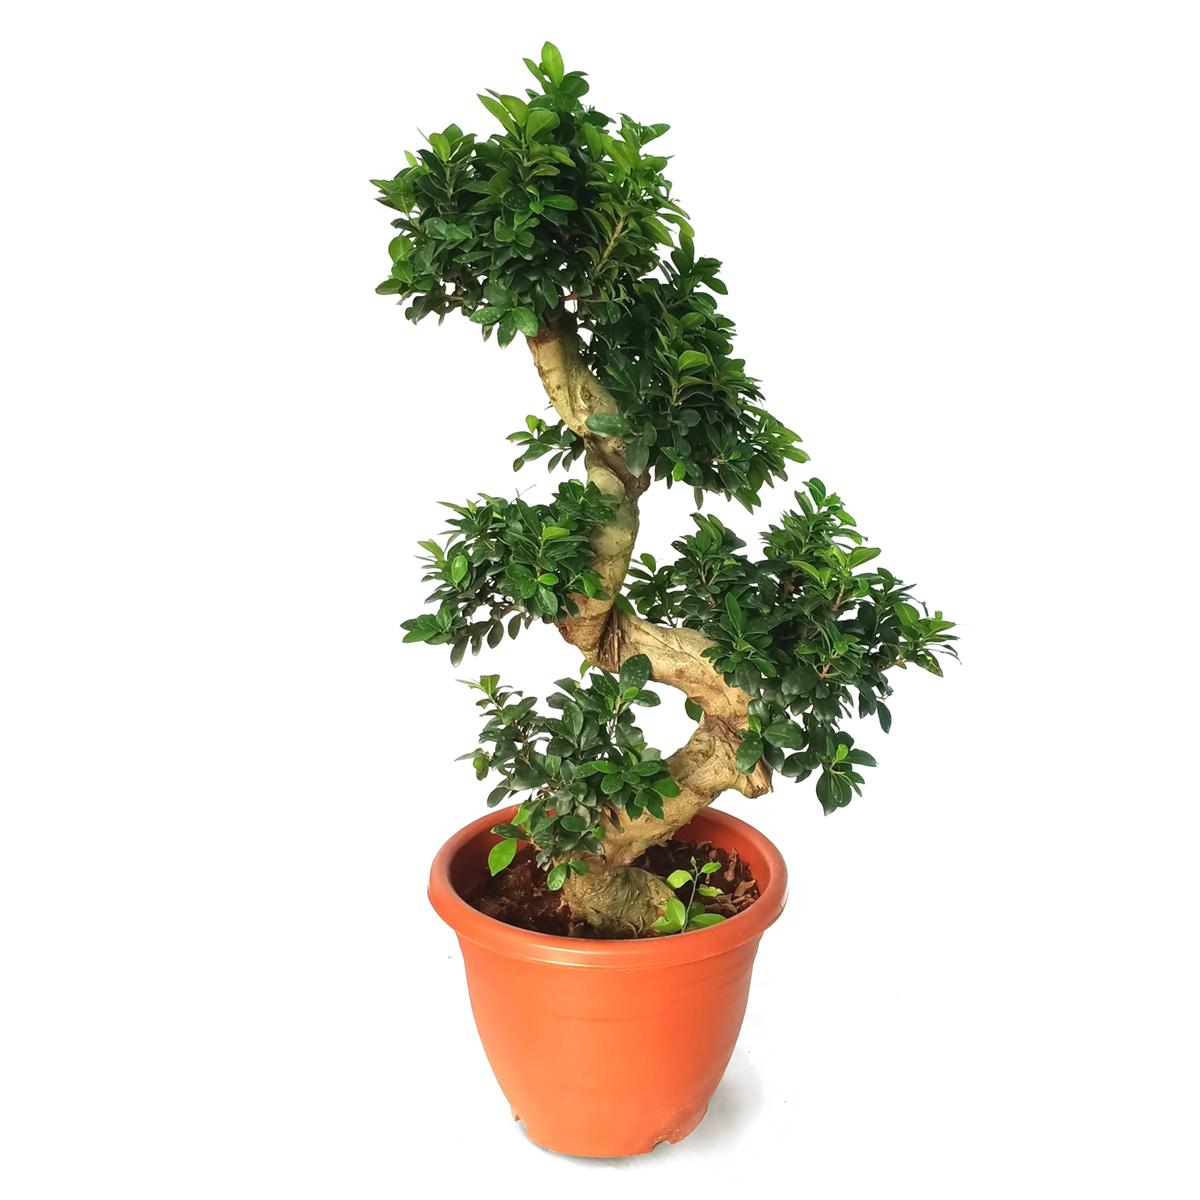 Cependant, lorsque l'arbre a besoin d'eau, il doit être complètement trempé pour que tout le système racinaire soit mouillé.